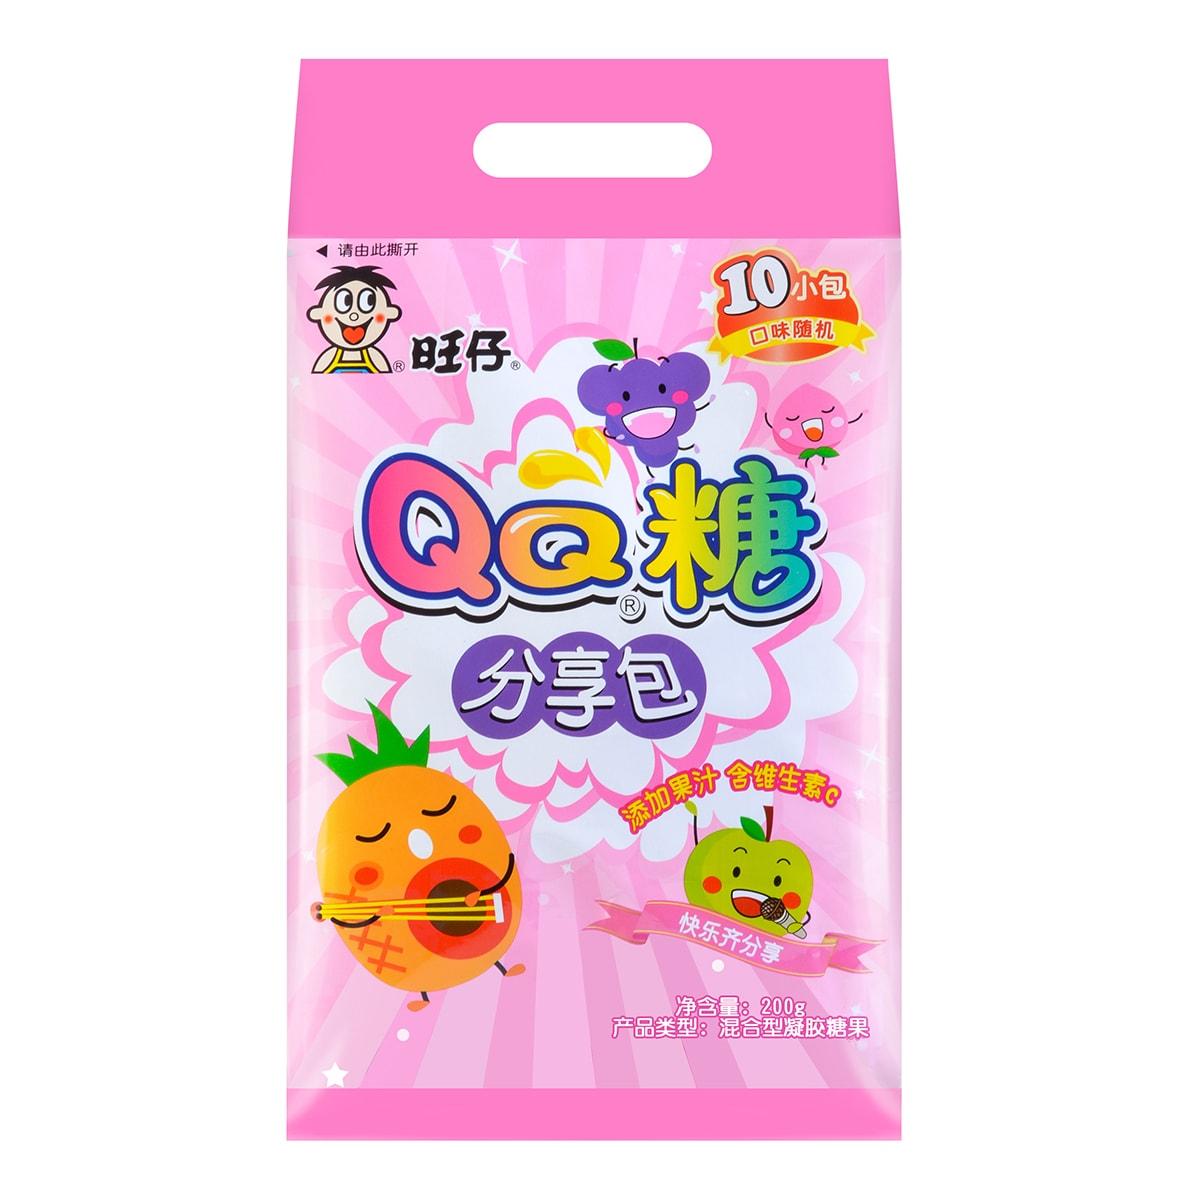 台湾旺旺 旺仔QQ糖分享包 10包入 200g 包装随机发送